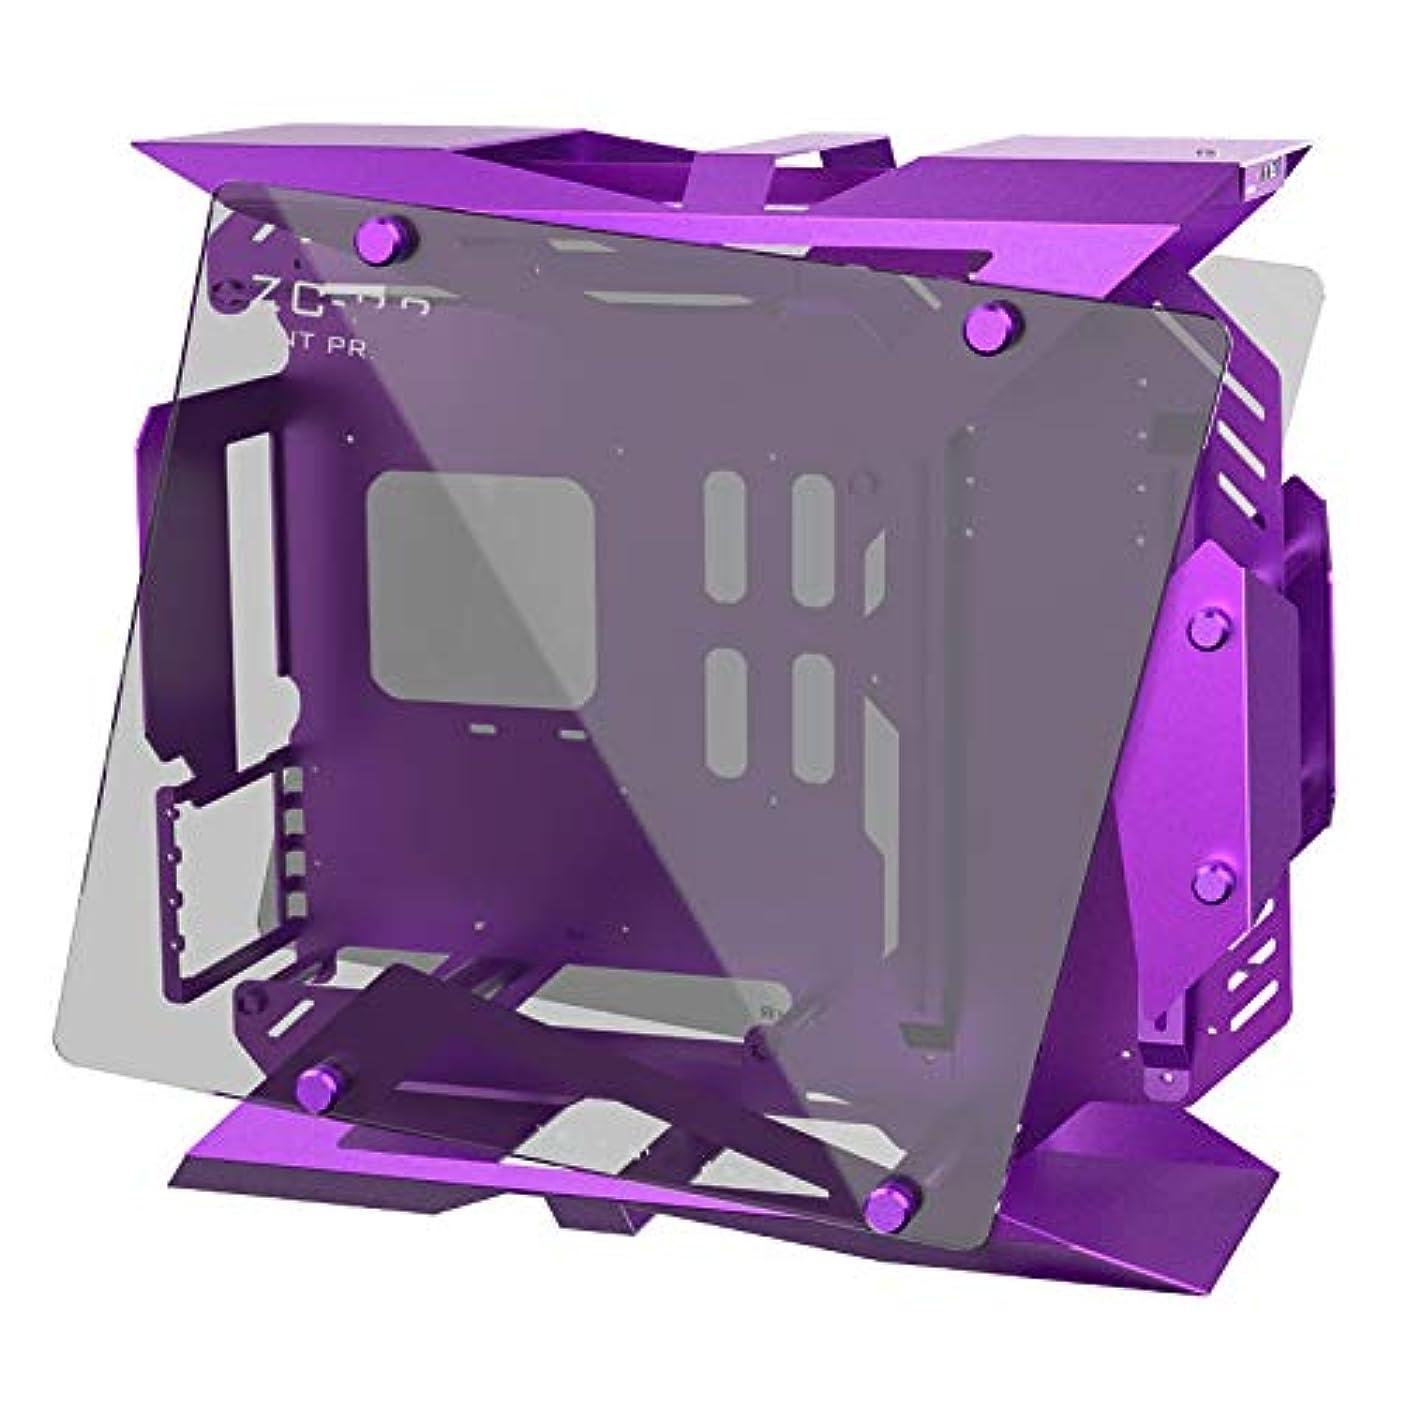 台無しに銛感覚EスポーツブティックスモールシャーシZC-22 DIY水冷MOD全アルミニウムデスクトップゲームコンピューター